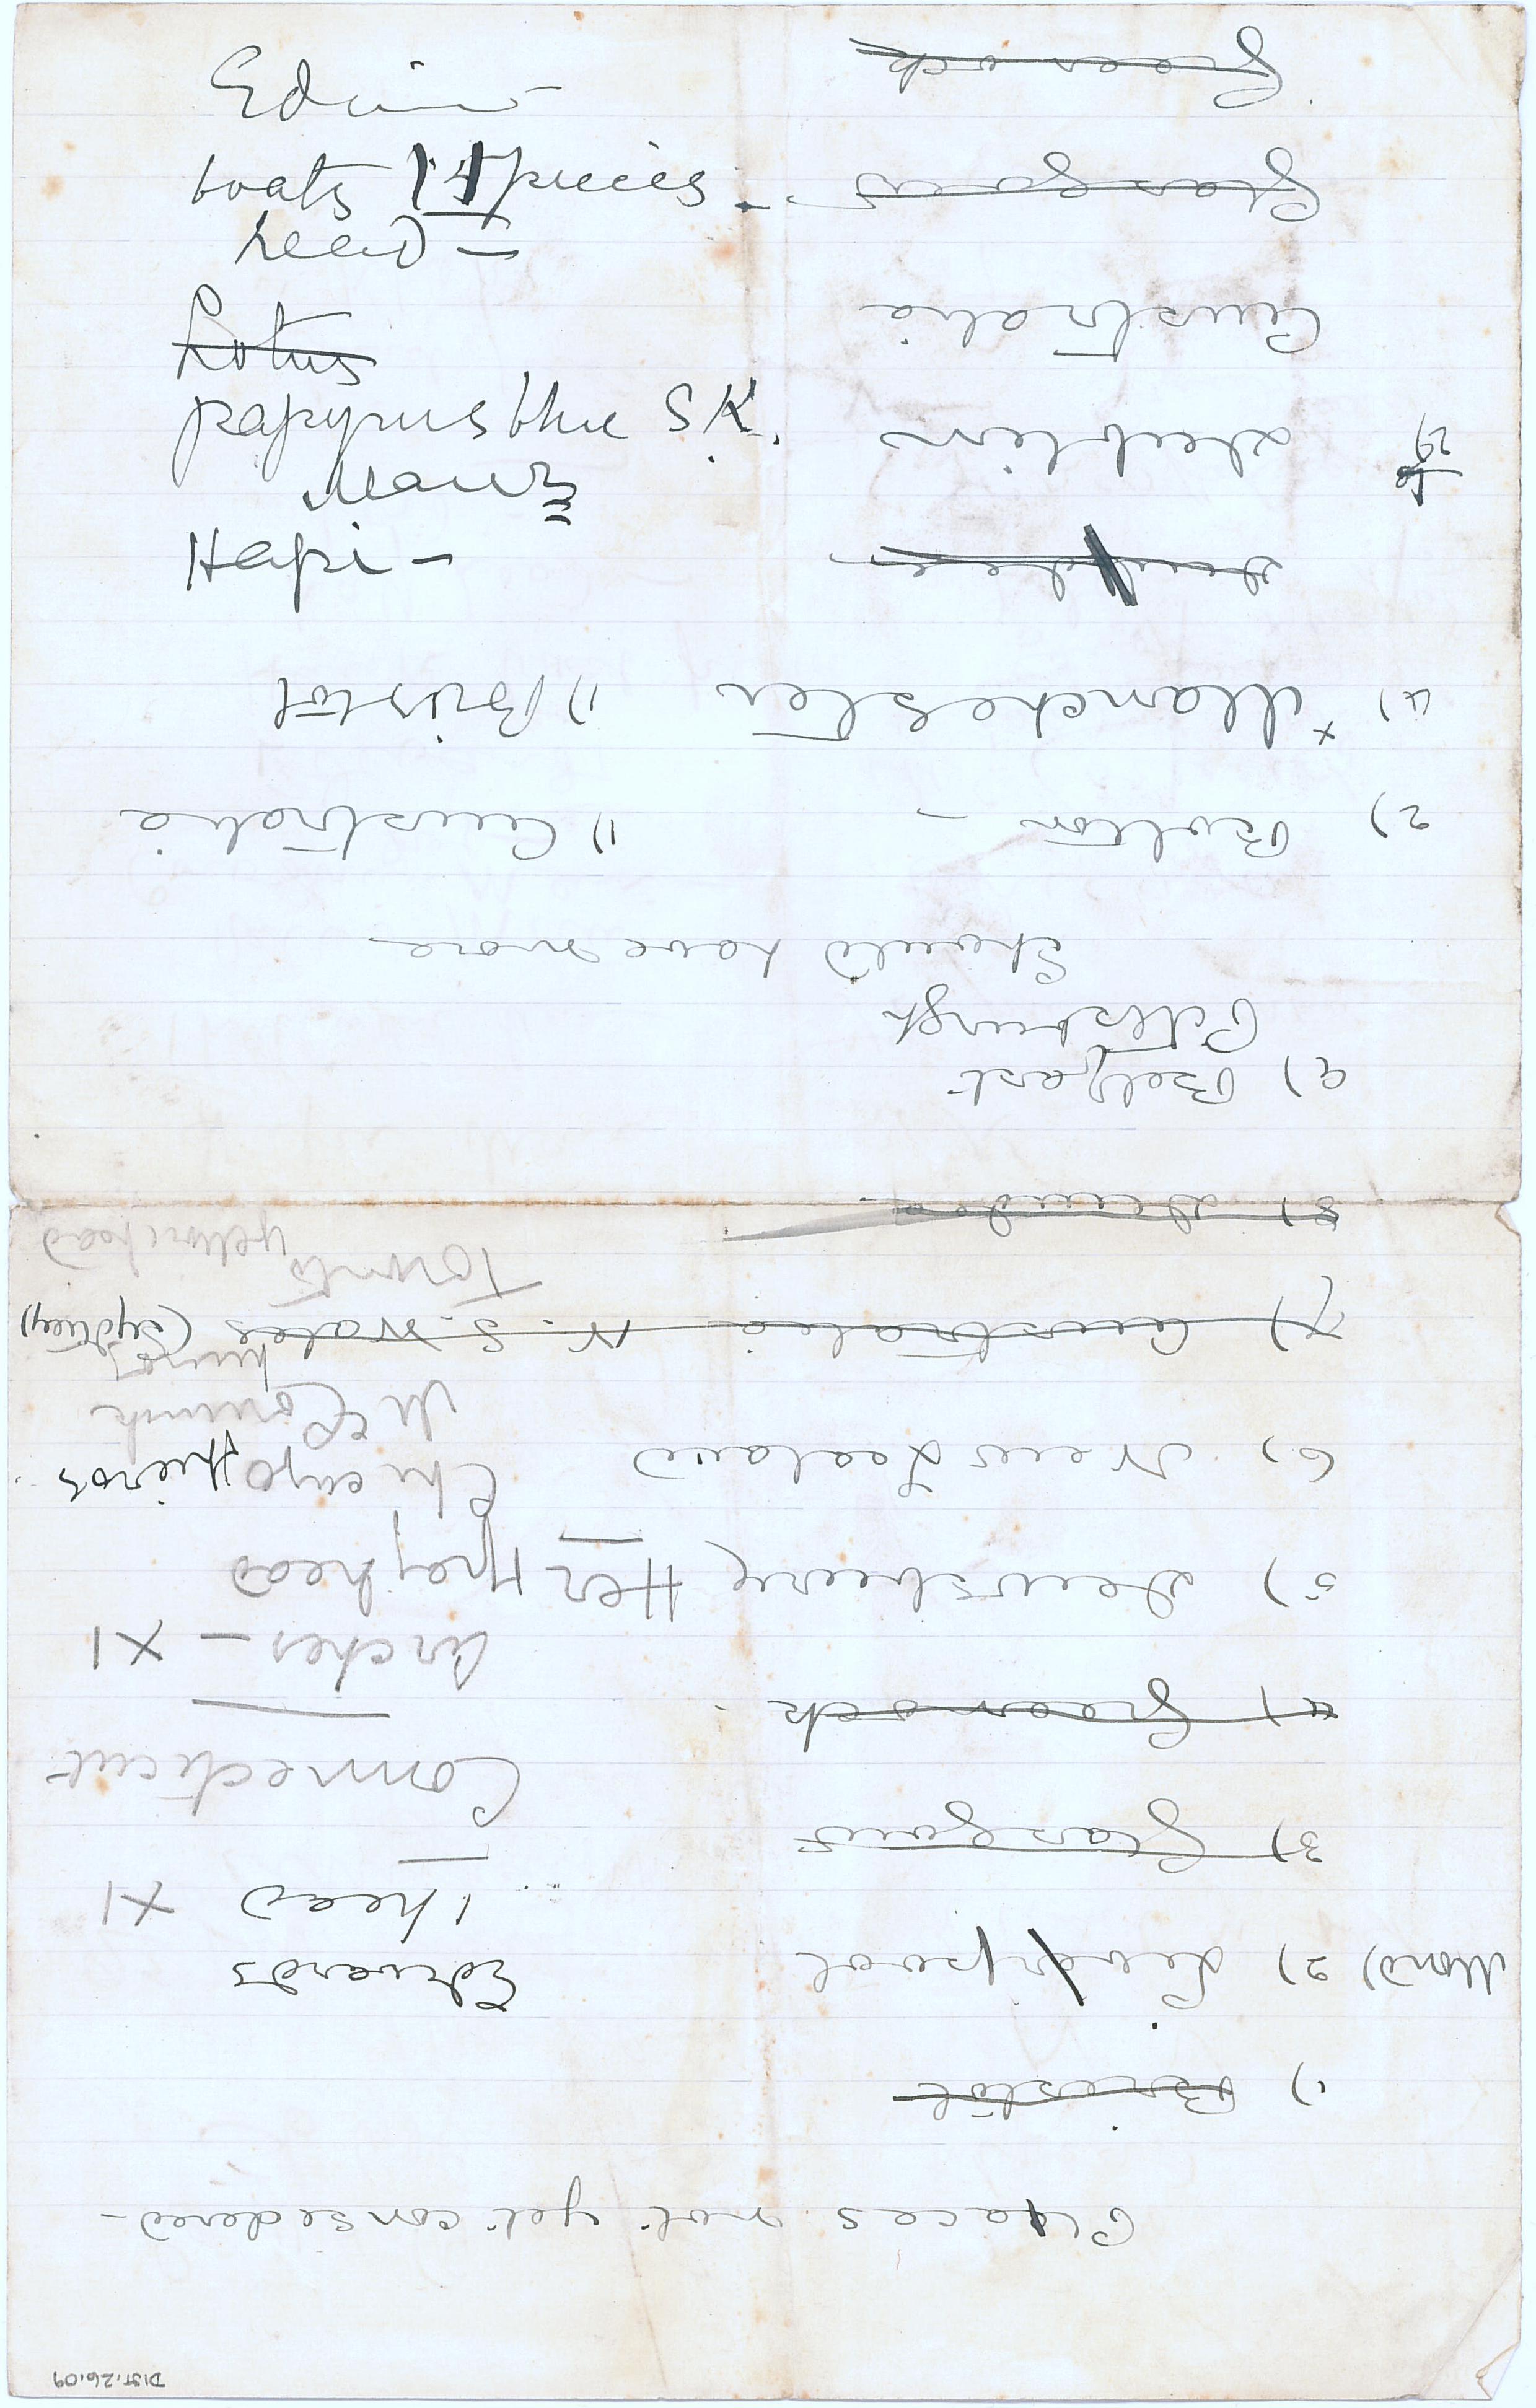 1905-06 Deir el-Bahri, Oxyrhynchus DIST.26.09a